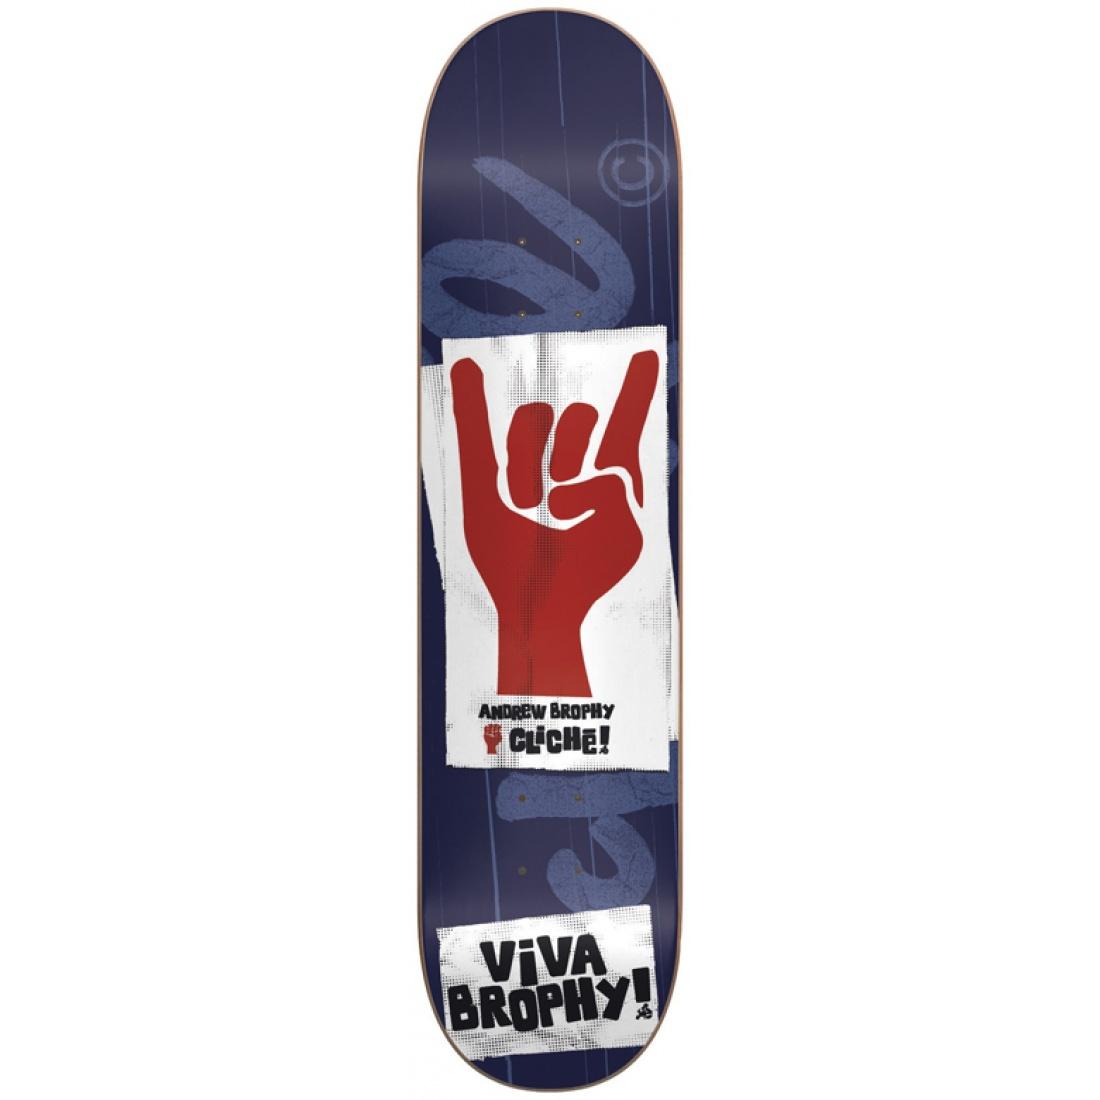 CLE-Viva Brophy R7 8.1 Deck